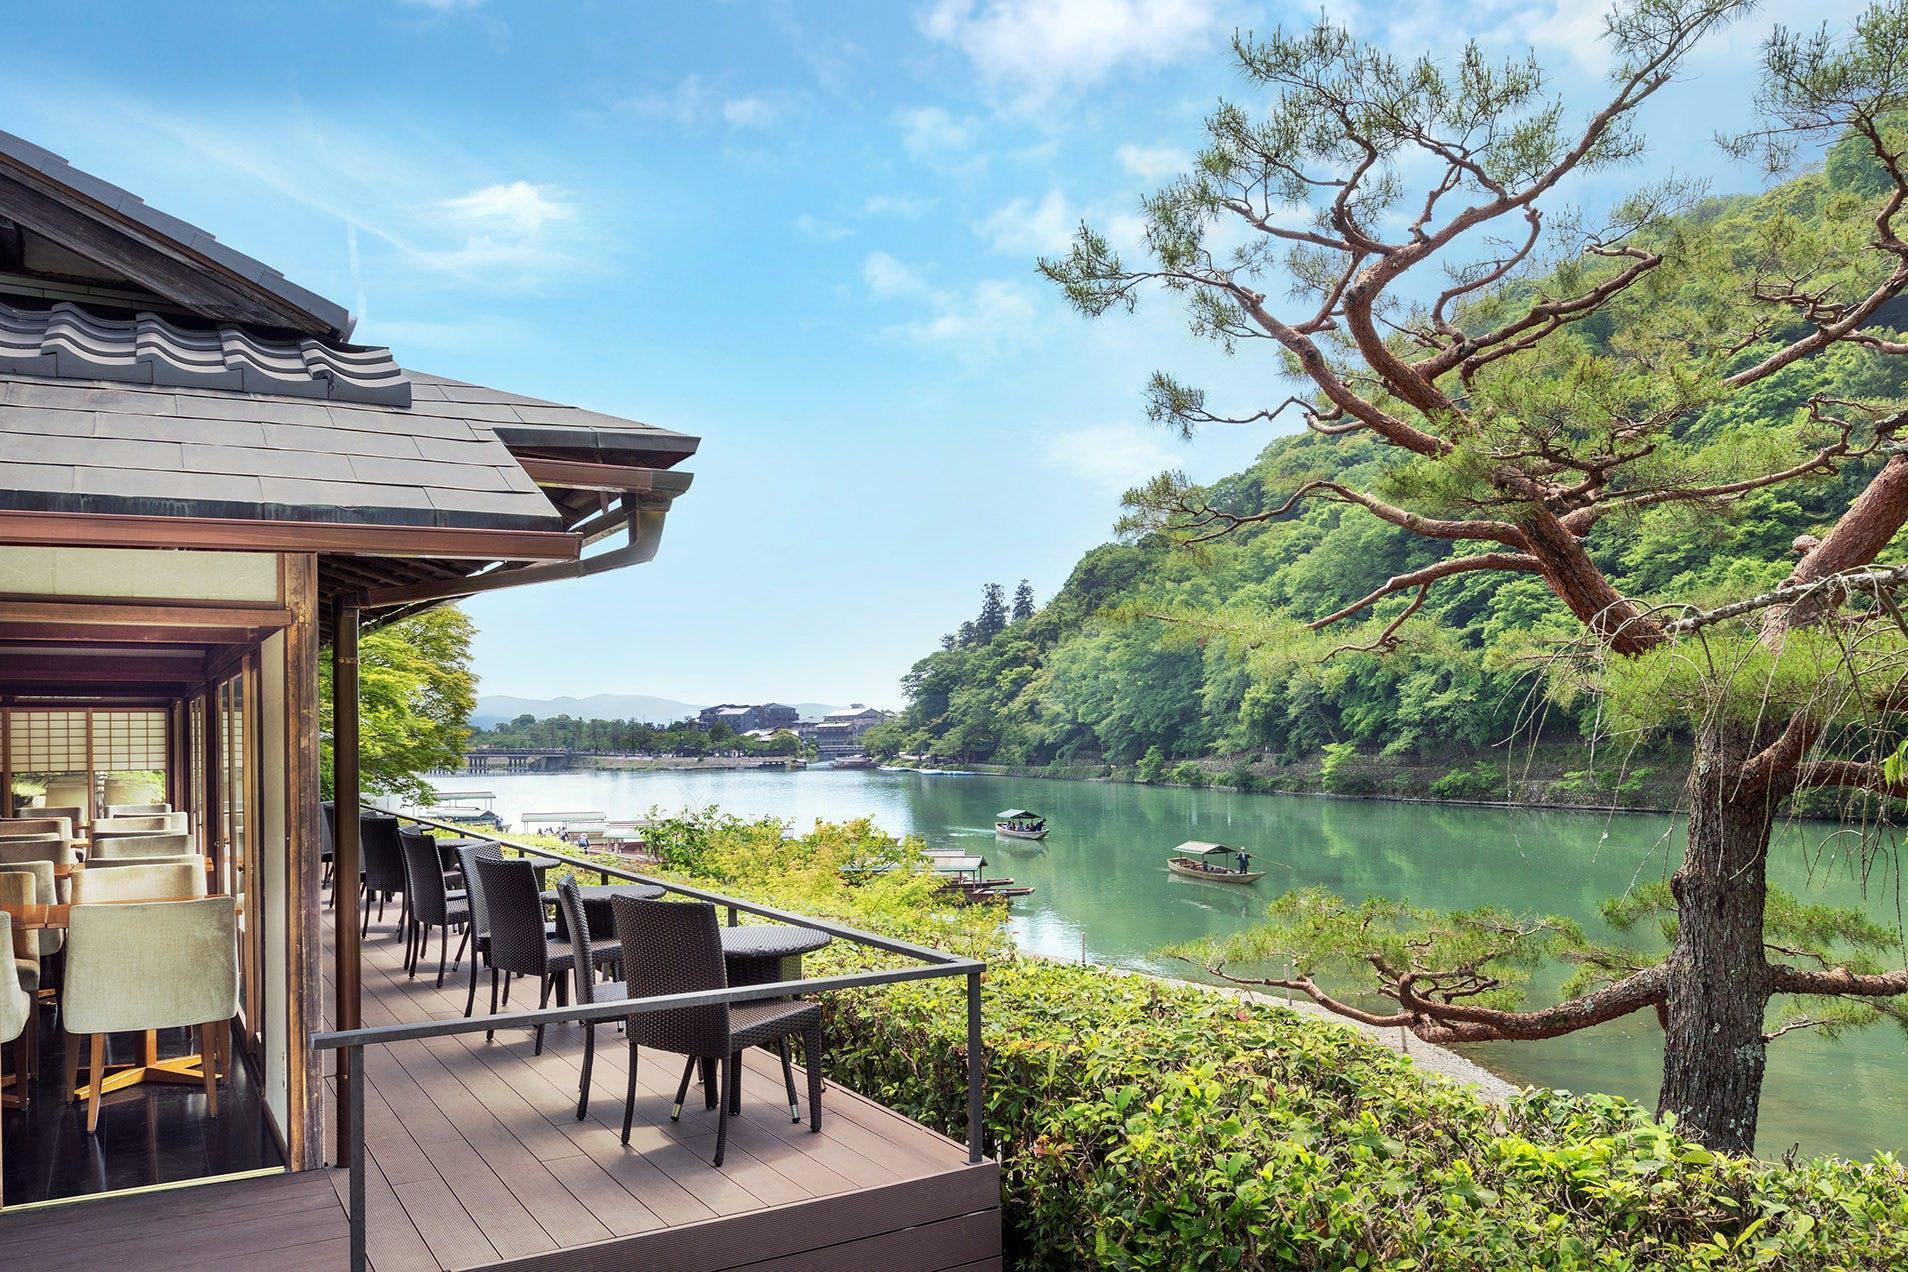 茶寮 八翠/翠嵐 ラグジュアリーコレクションホテル 京都